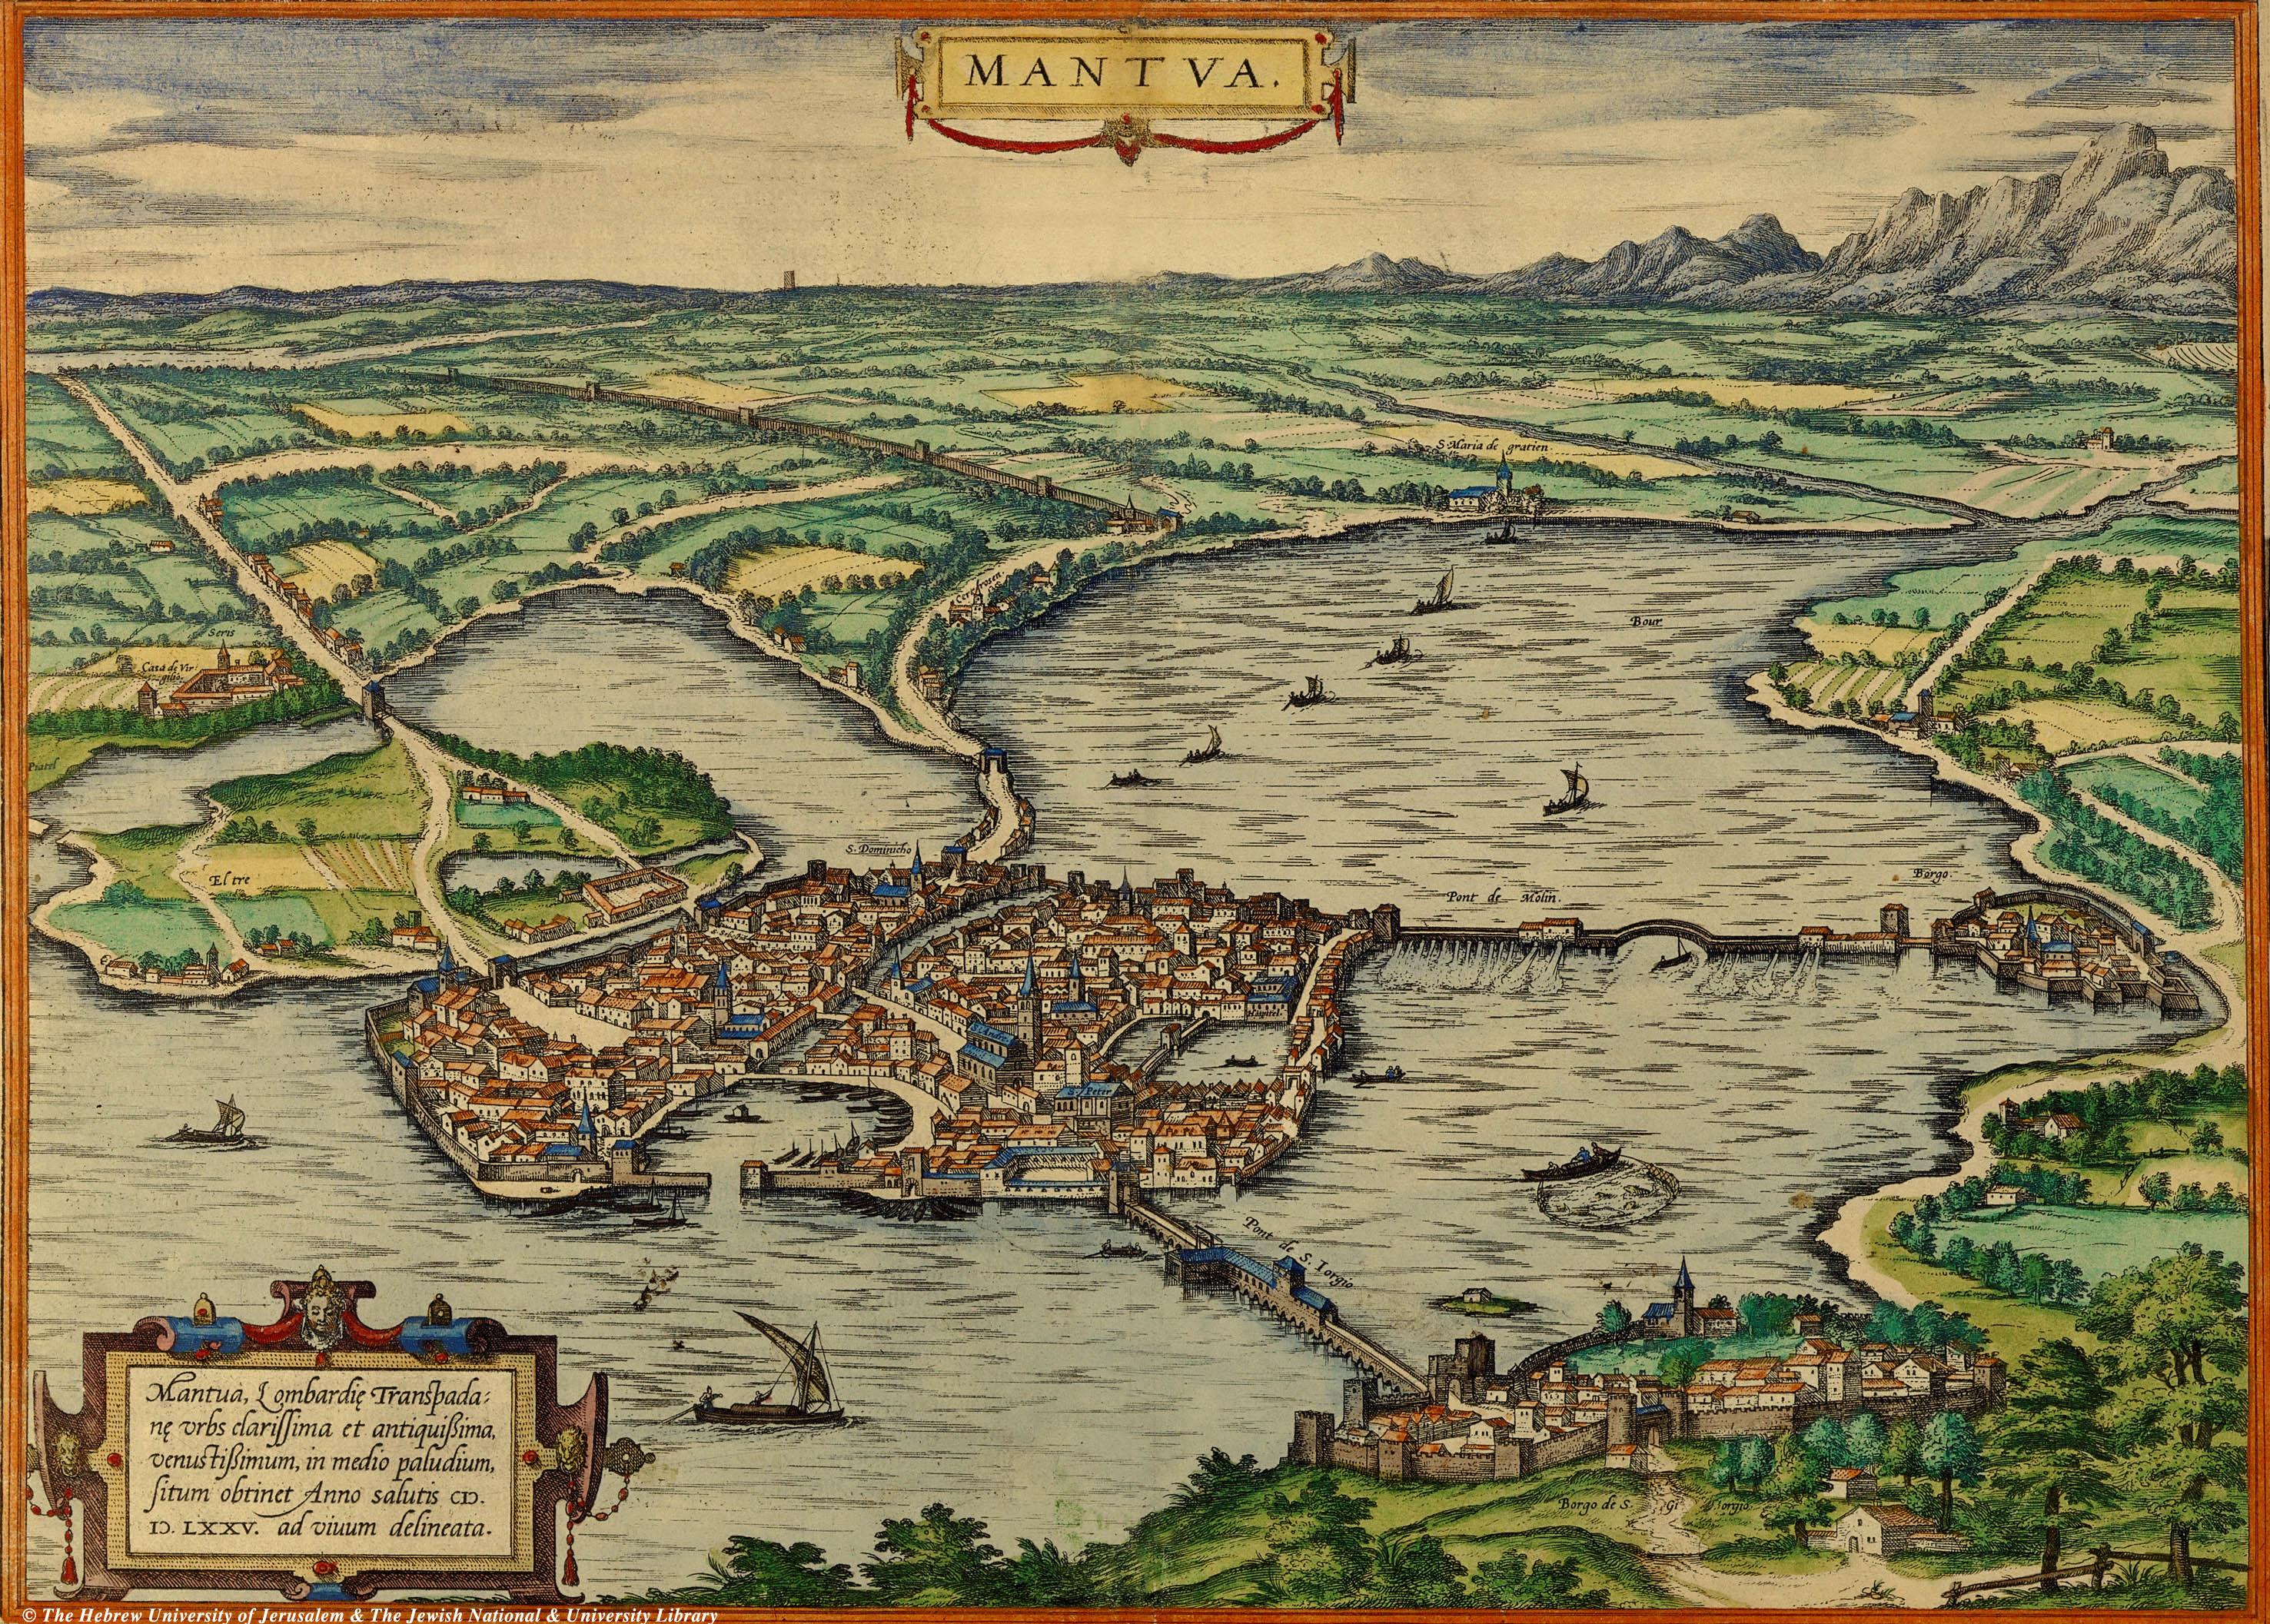 Mantua City Map 1575 Mantova Italy Mappery